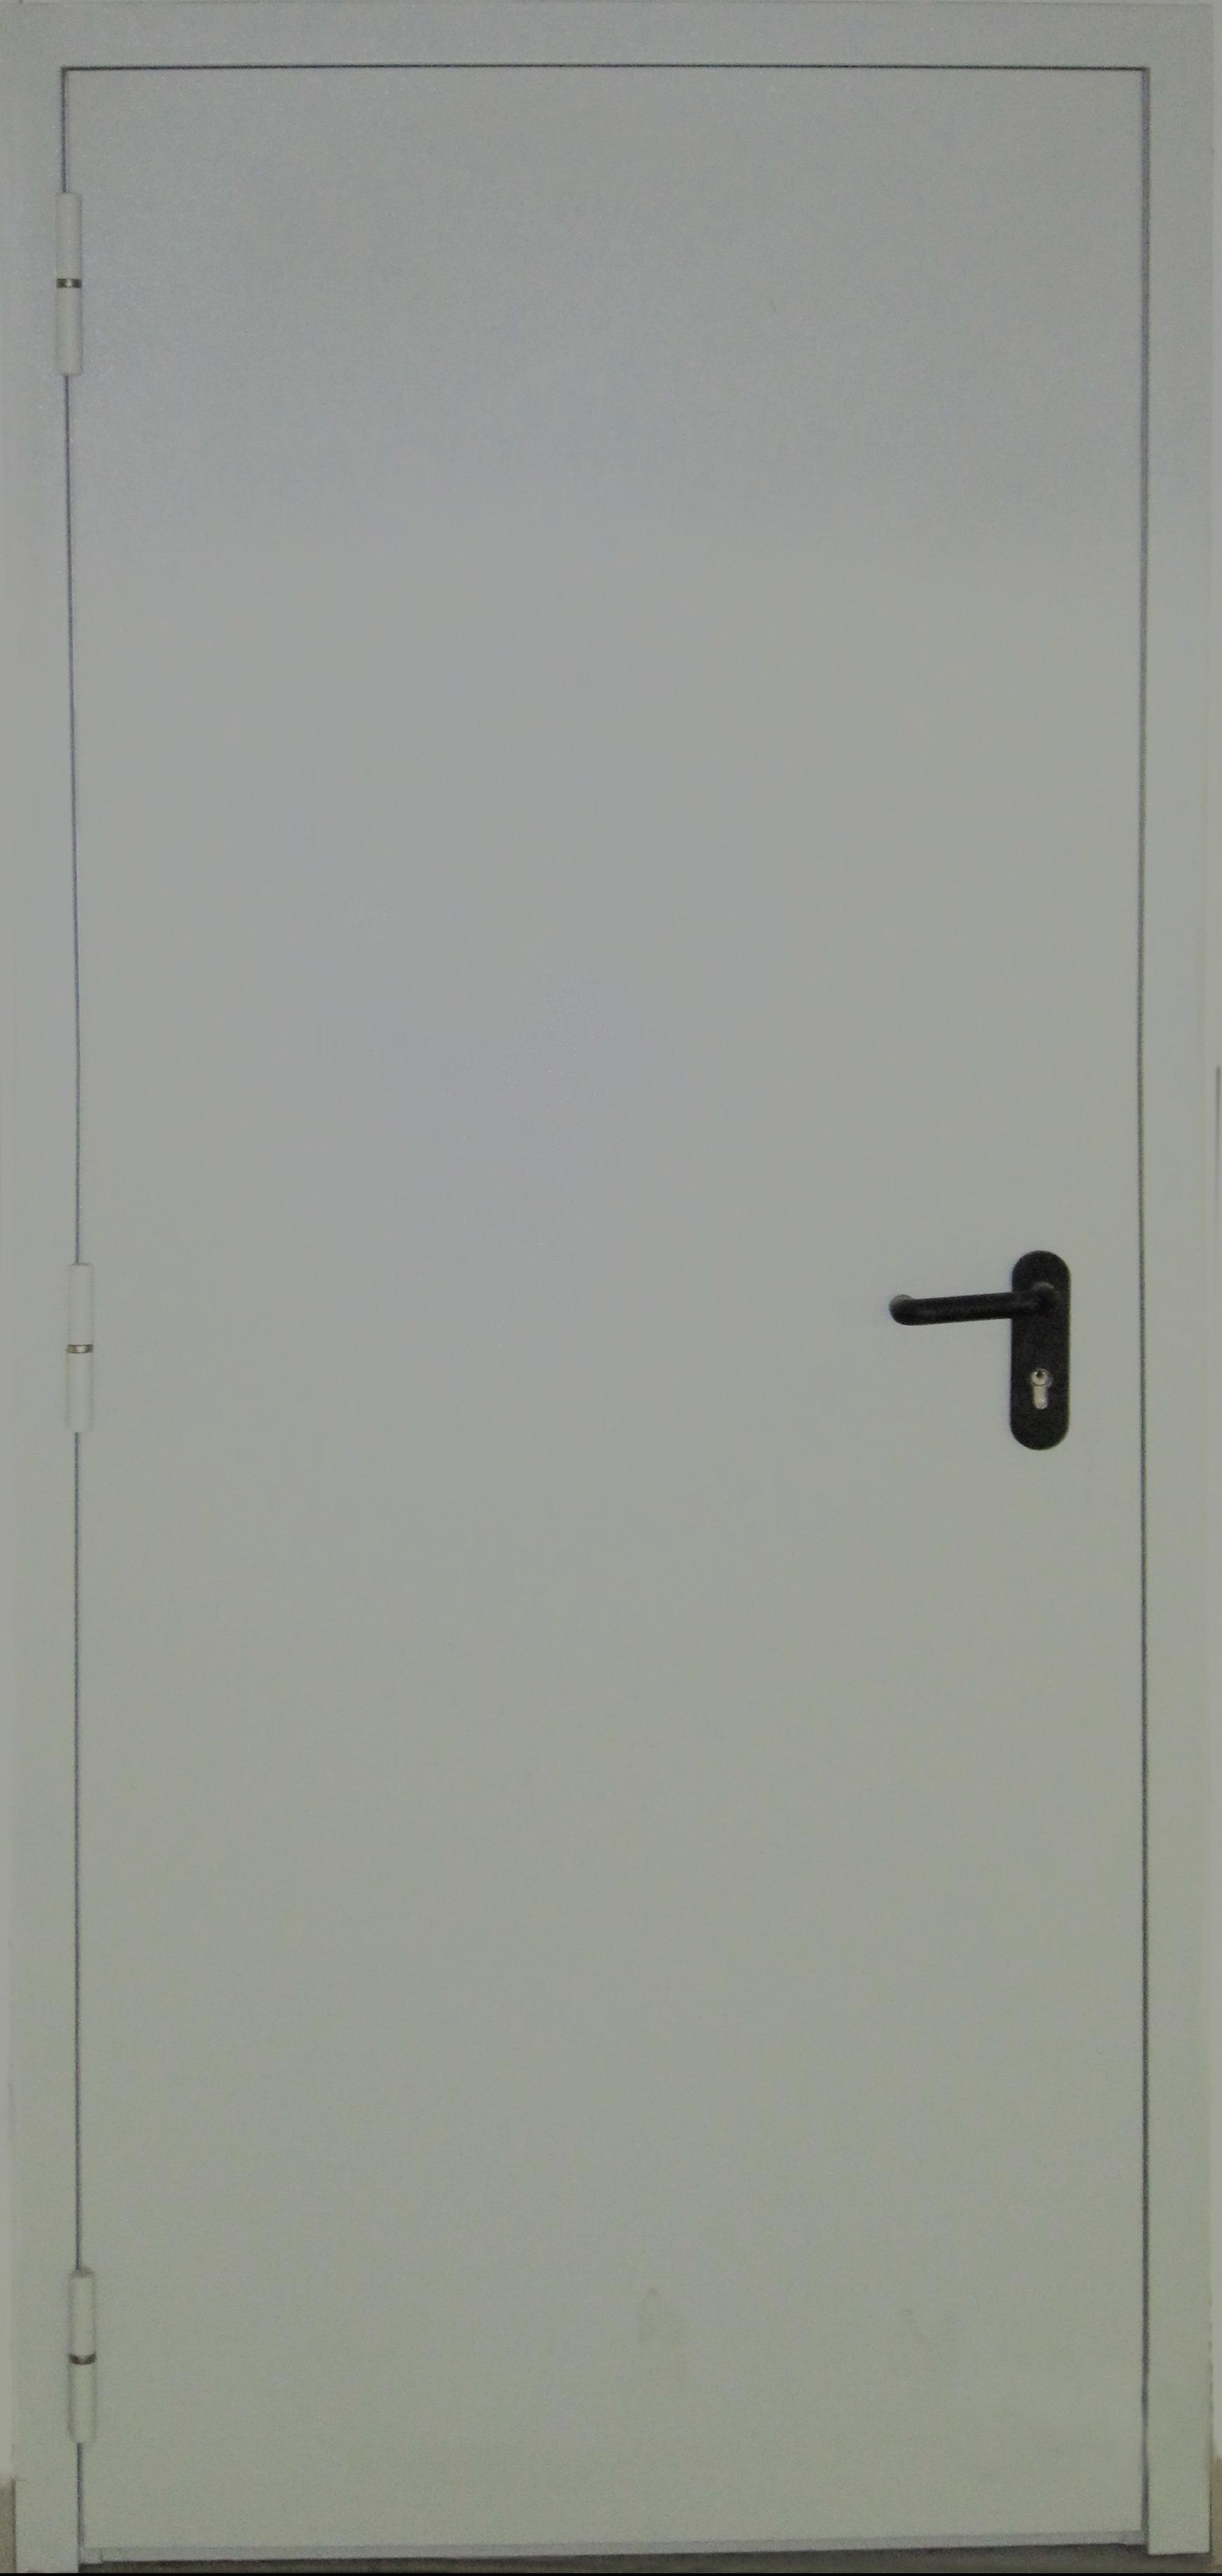 техническая глухая однопольная дверь